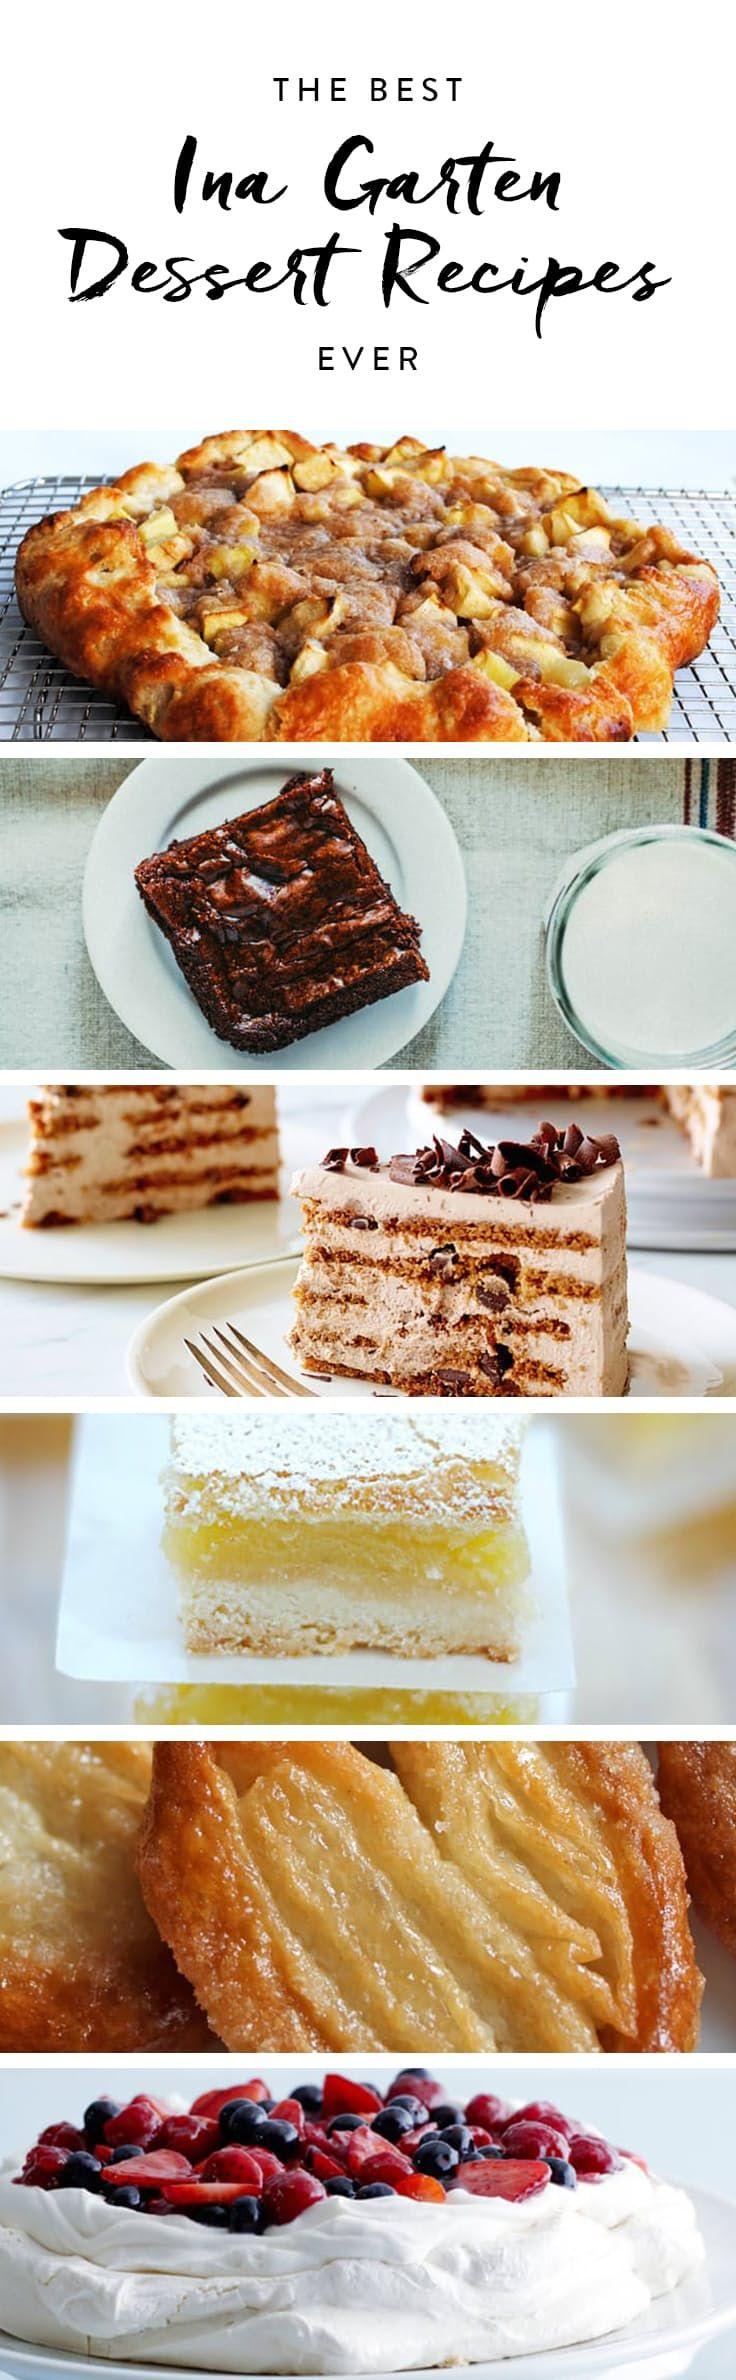 The best ina garten dessert recipes ever desserts pinterest ina garten garten and dessert - Ina garten baking recipes ...